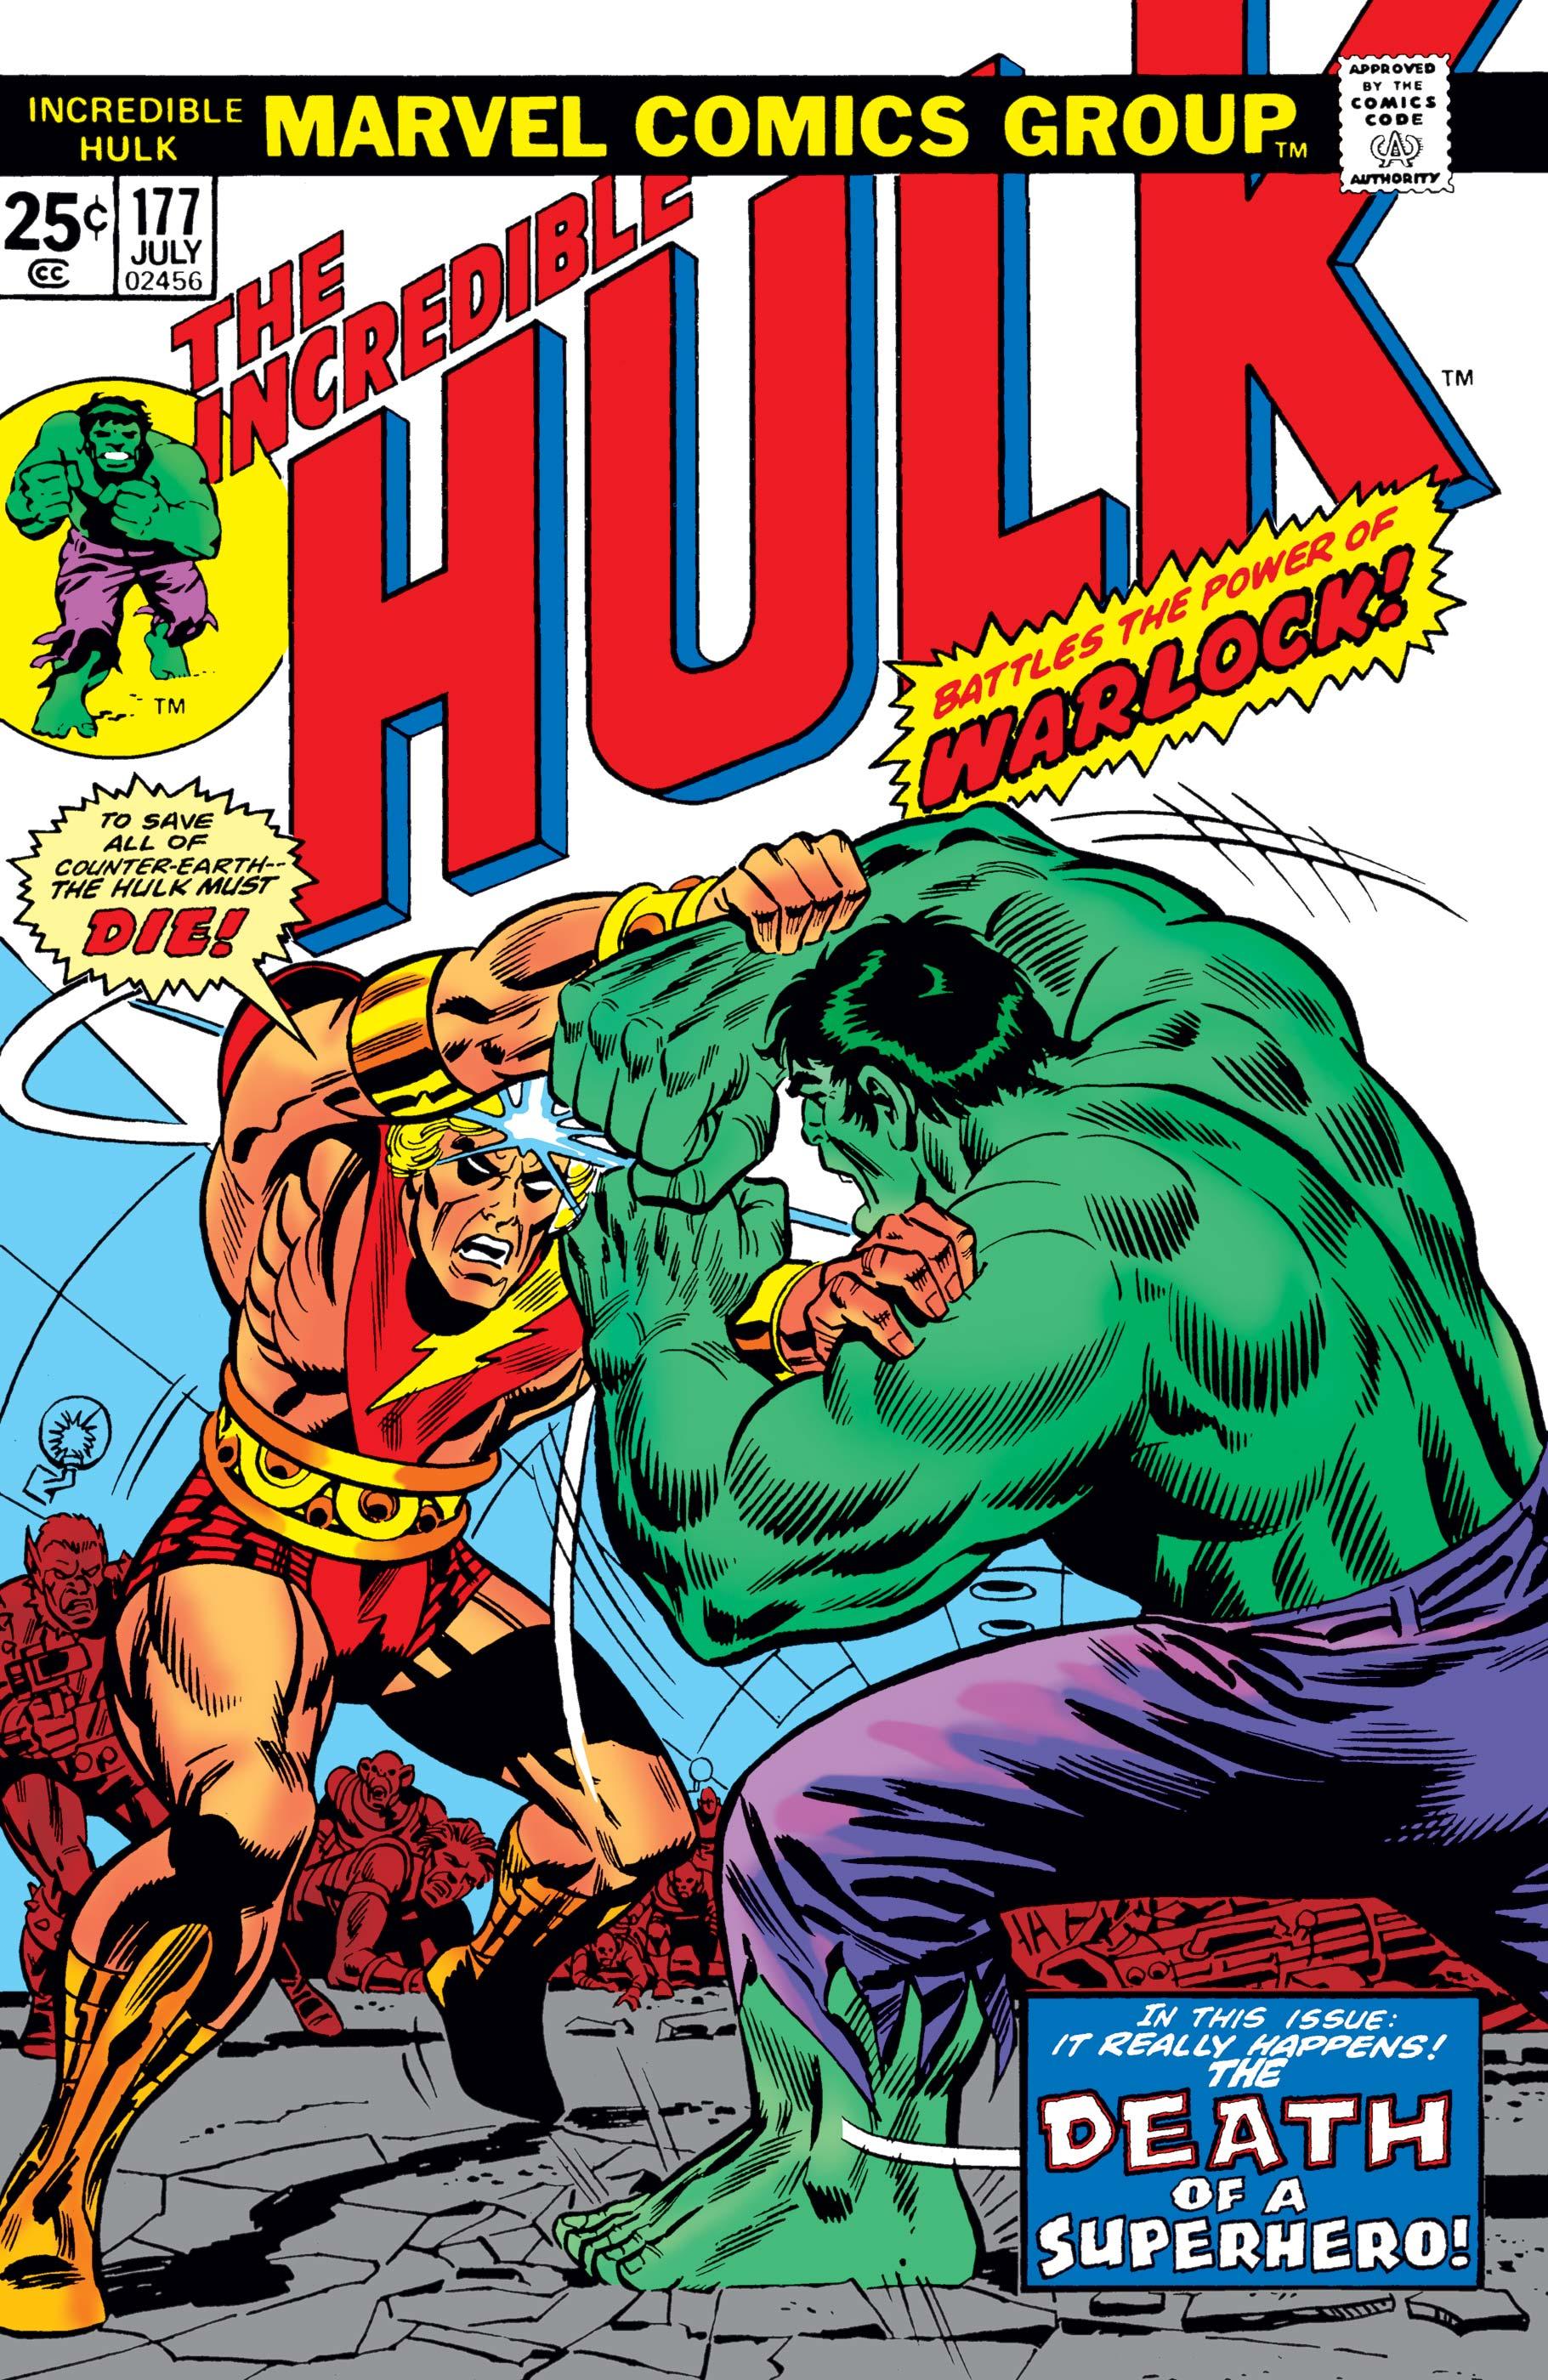 Incredible Hulk Vol 1 177